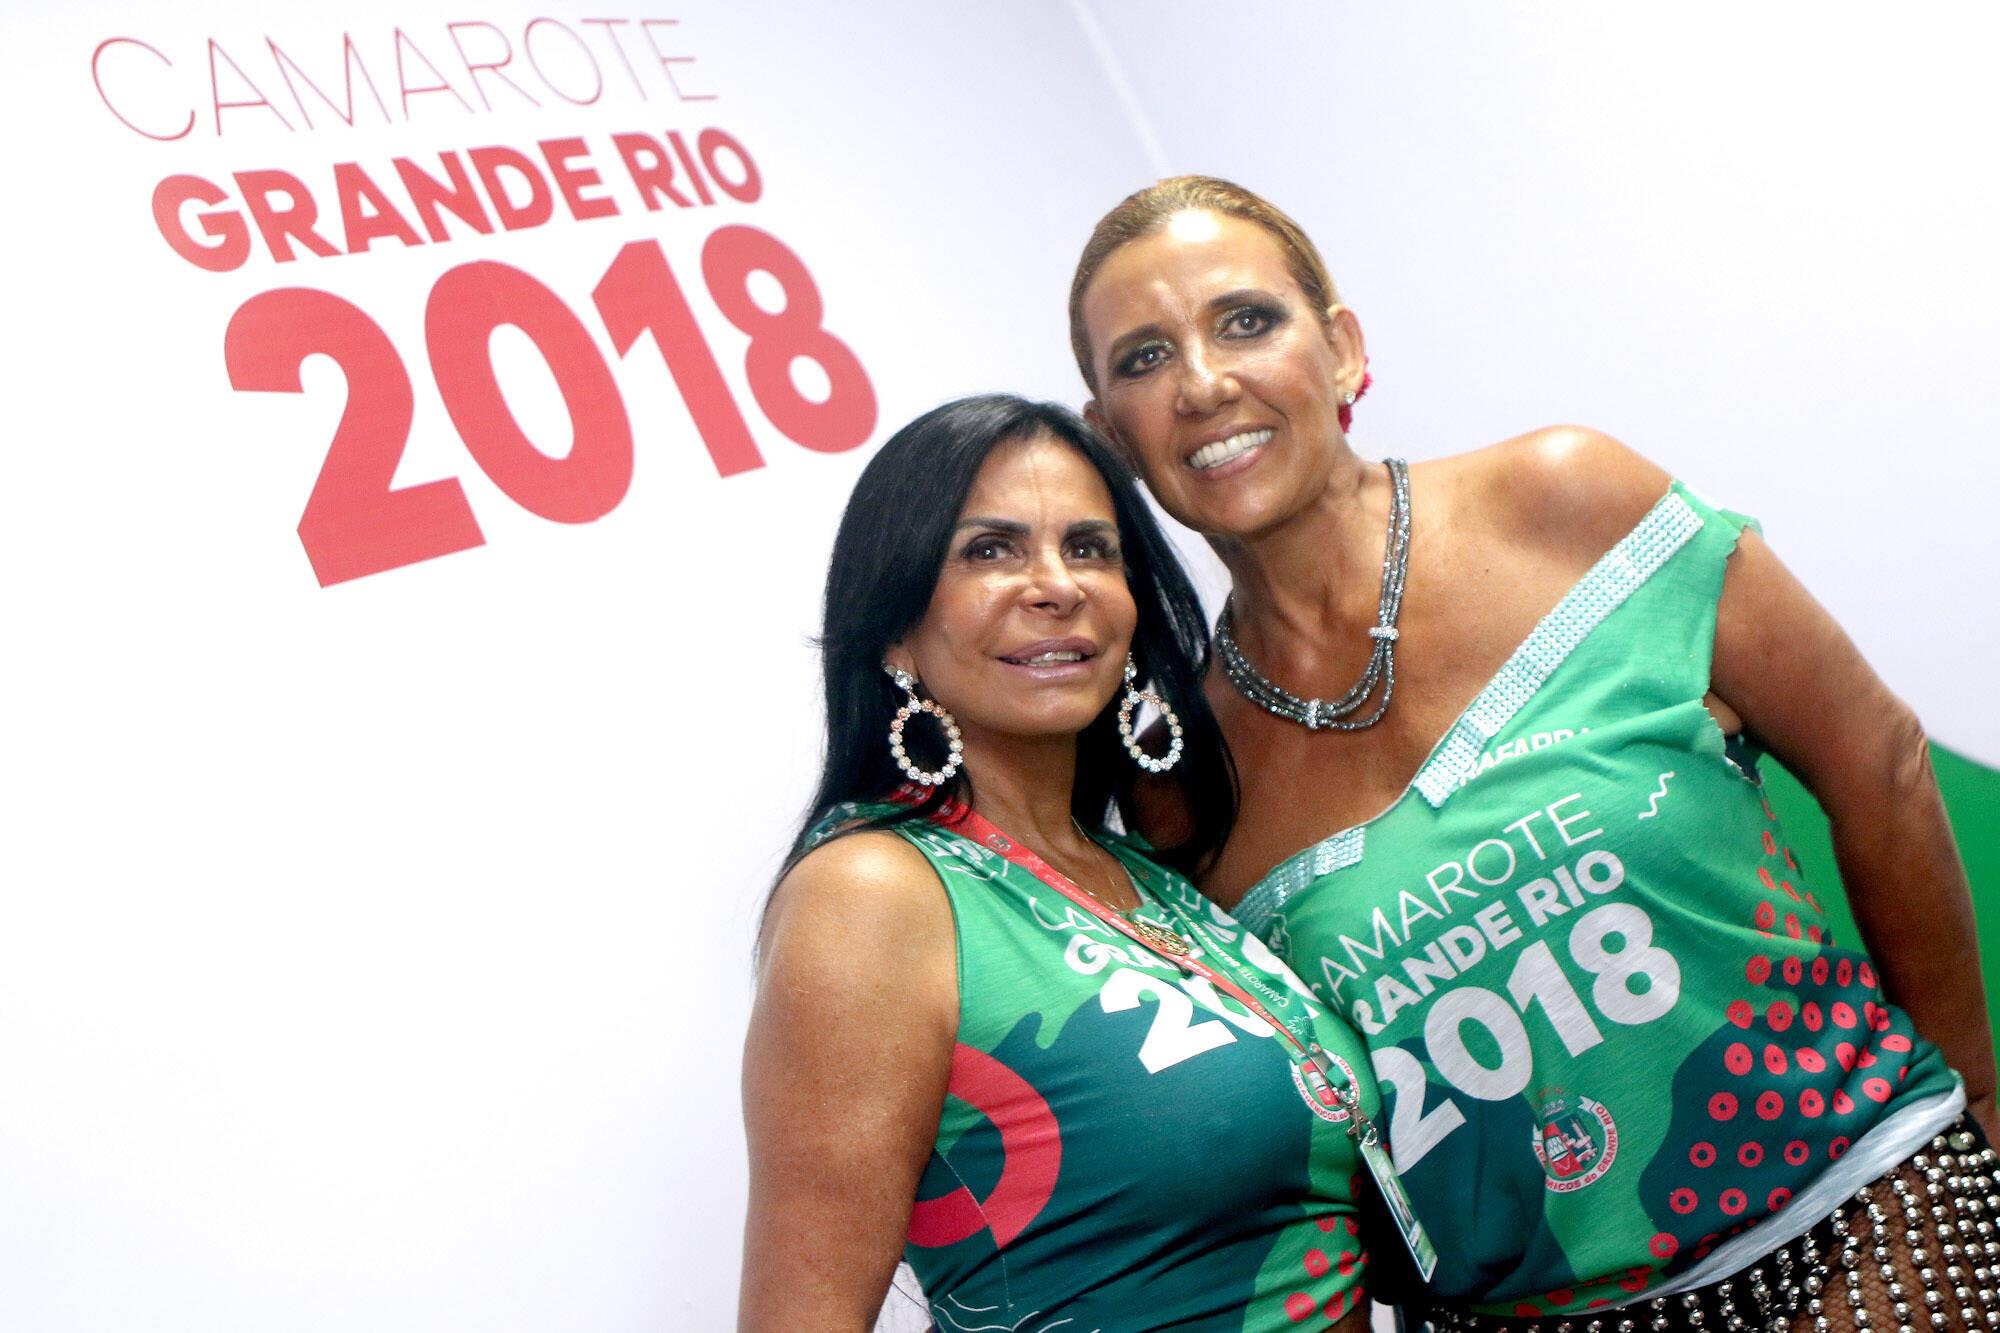 Gretchen e Rita Cadillac juntinhas no Camarote Grande Rio que se transformou no Cassino do Chacrinha na noite do último domingo (11). Foto: ENY MIRANDA/DIVULGAÇÃO